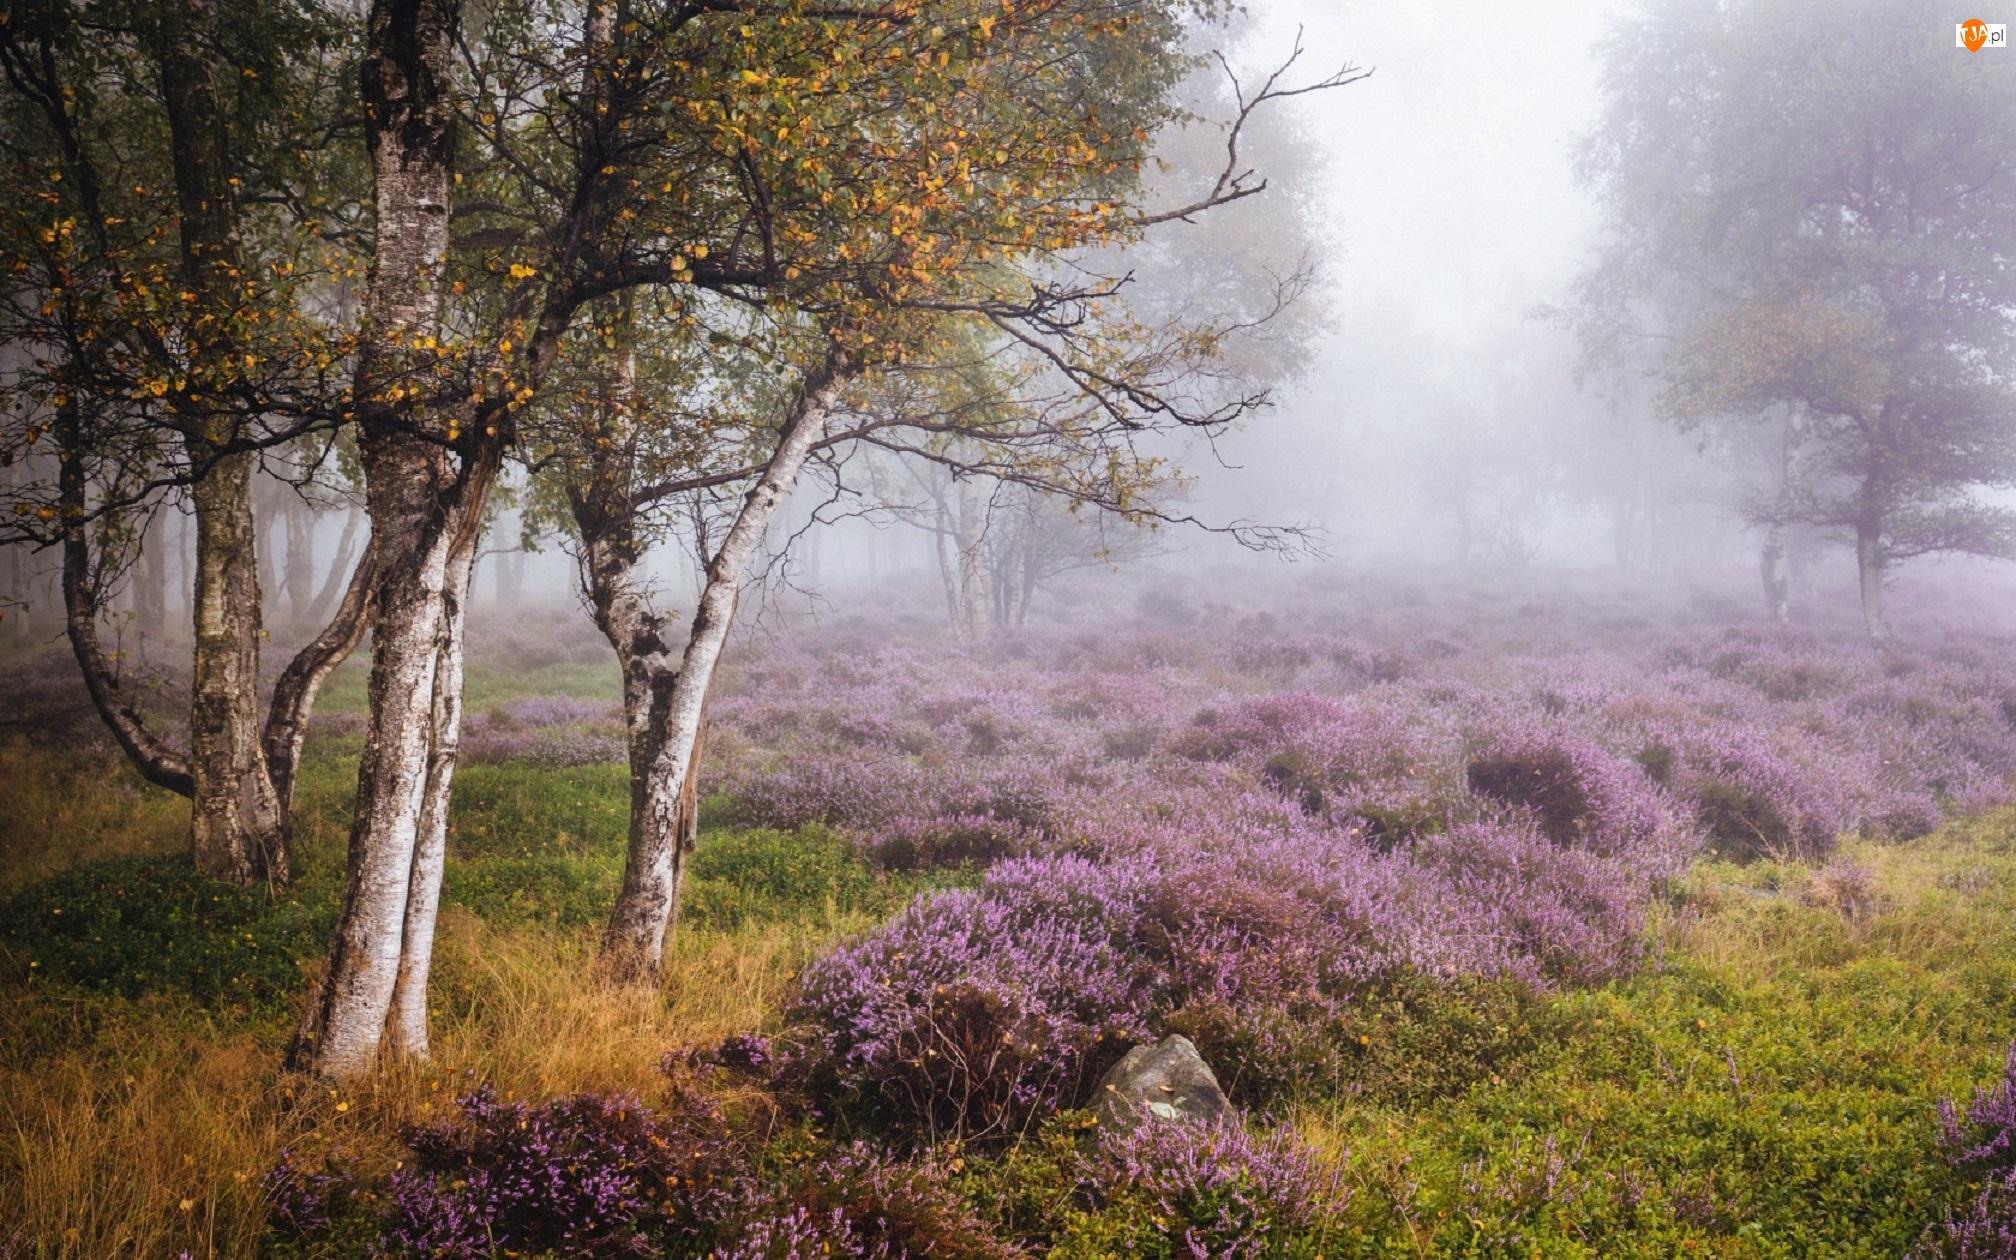 Park Narodowy Peak District, Jesień, Brzozy, Stanton Moor, Wrzosowisko, Mgła, Anglia, Drzewa